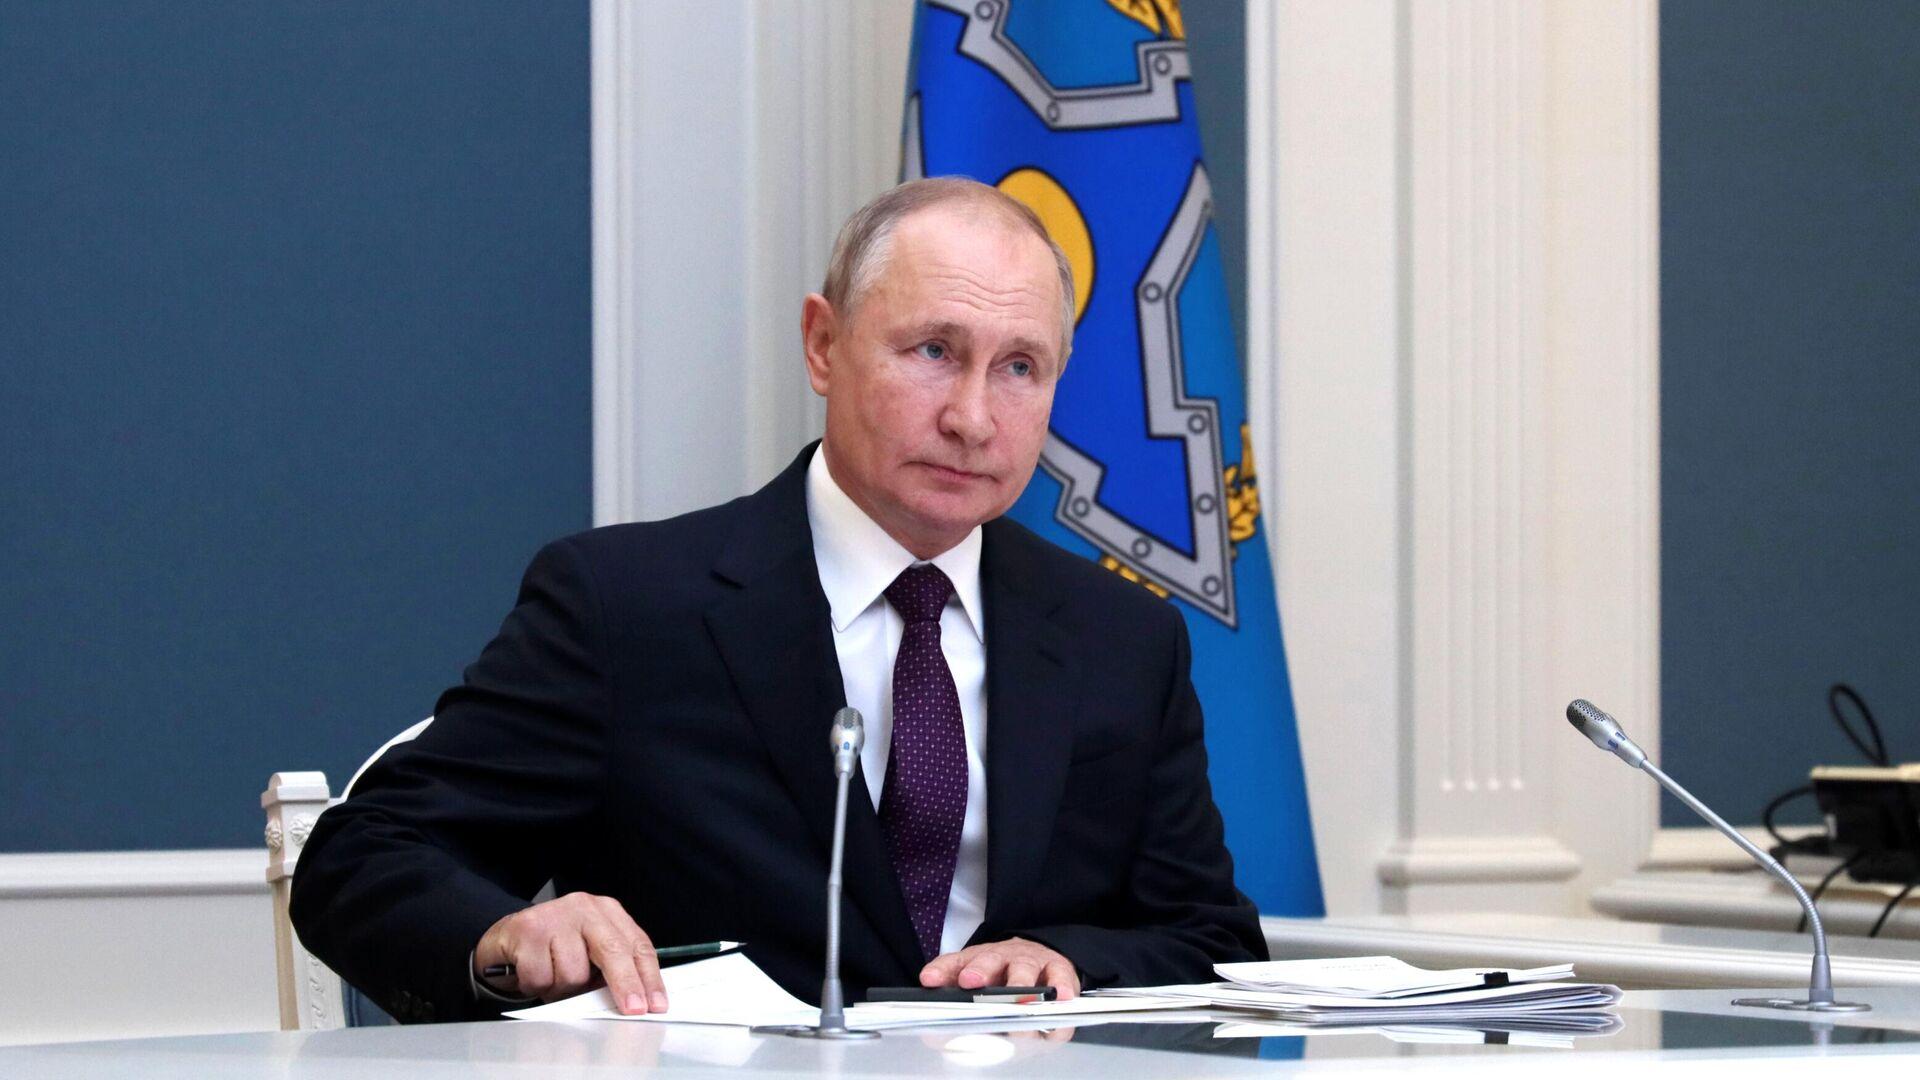 Президент РФ Владимир Путин принимает участие во внеочередной сессии Совета коллективной безопасности ОДКБ - РИА Новости, 1920, 23.08.2021